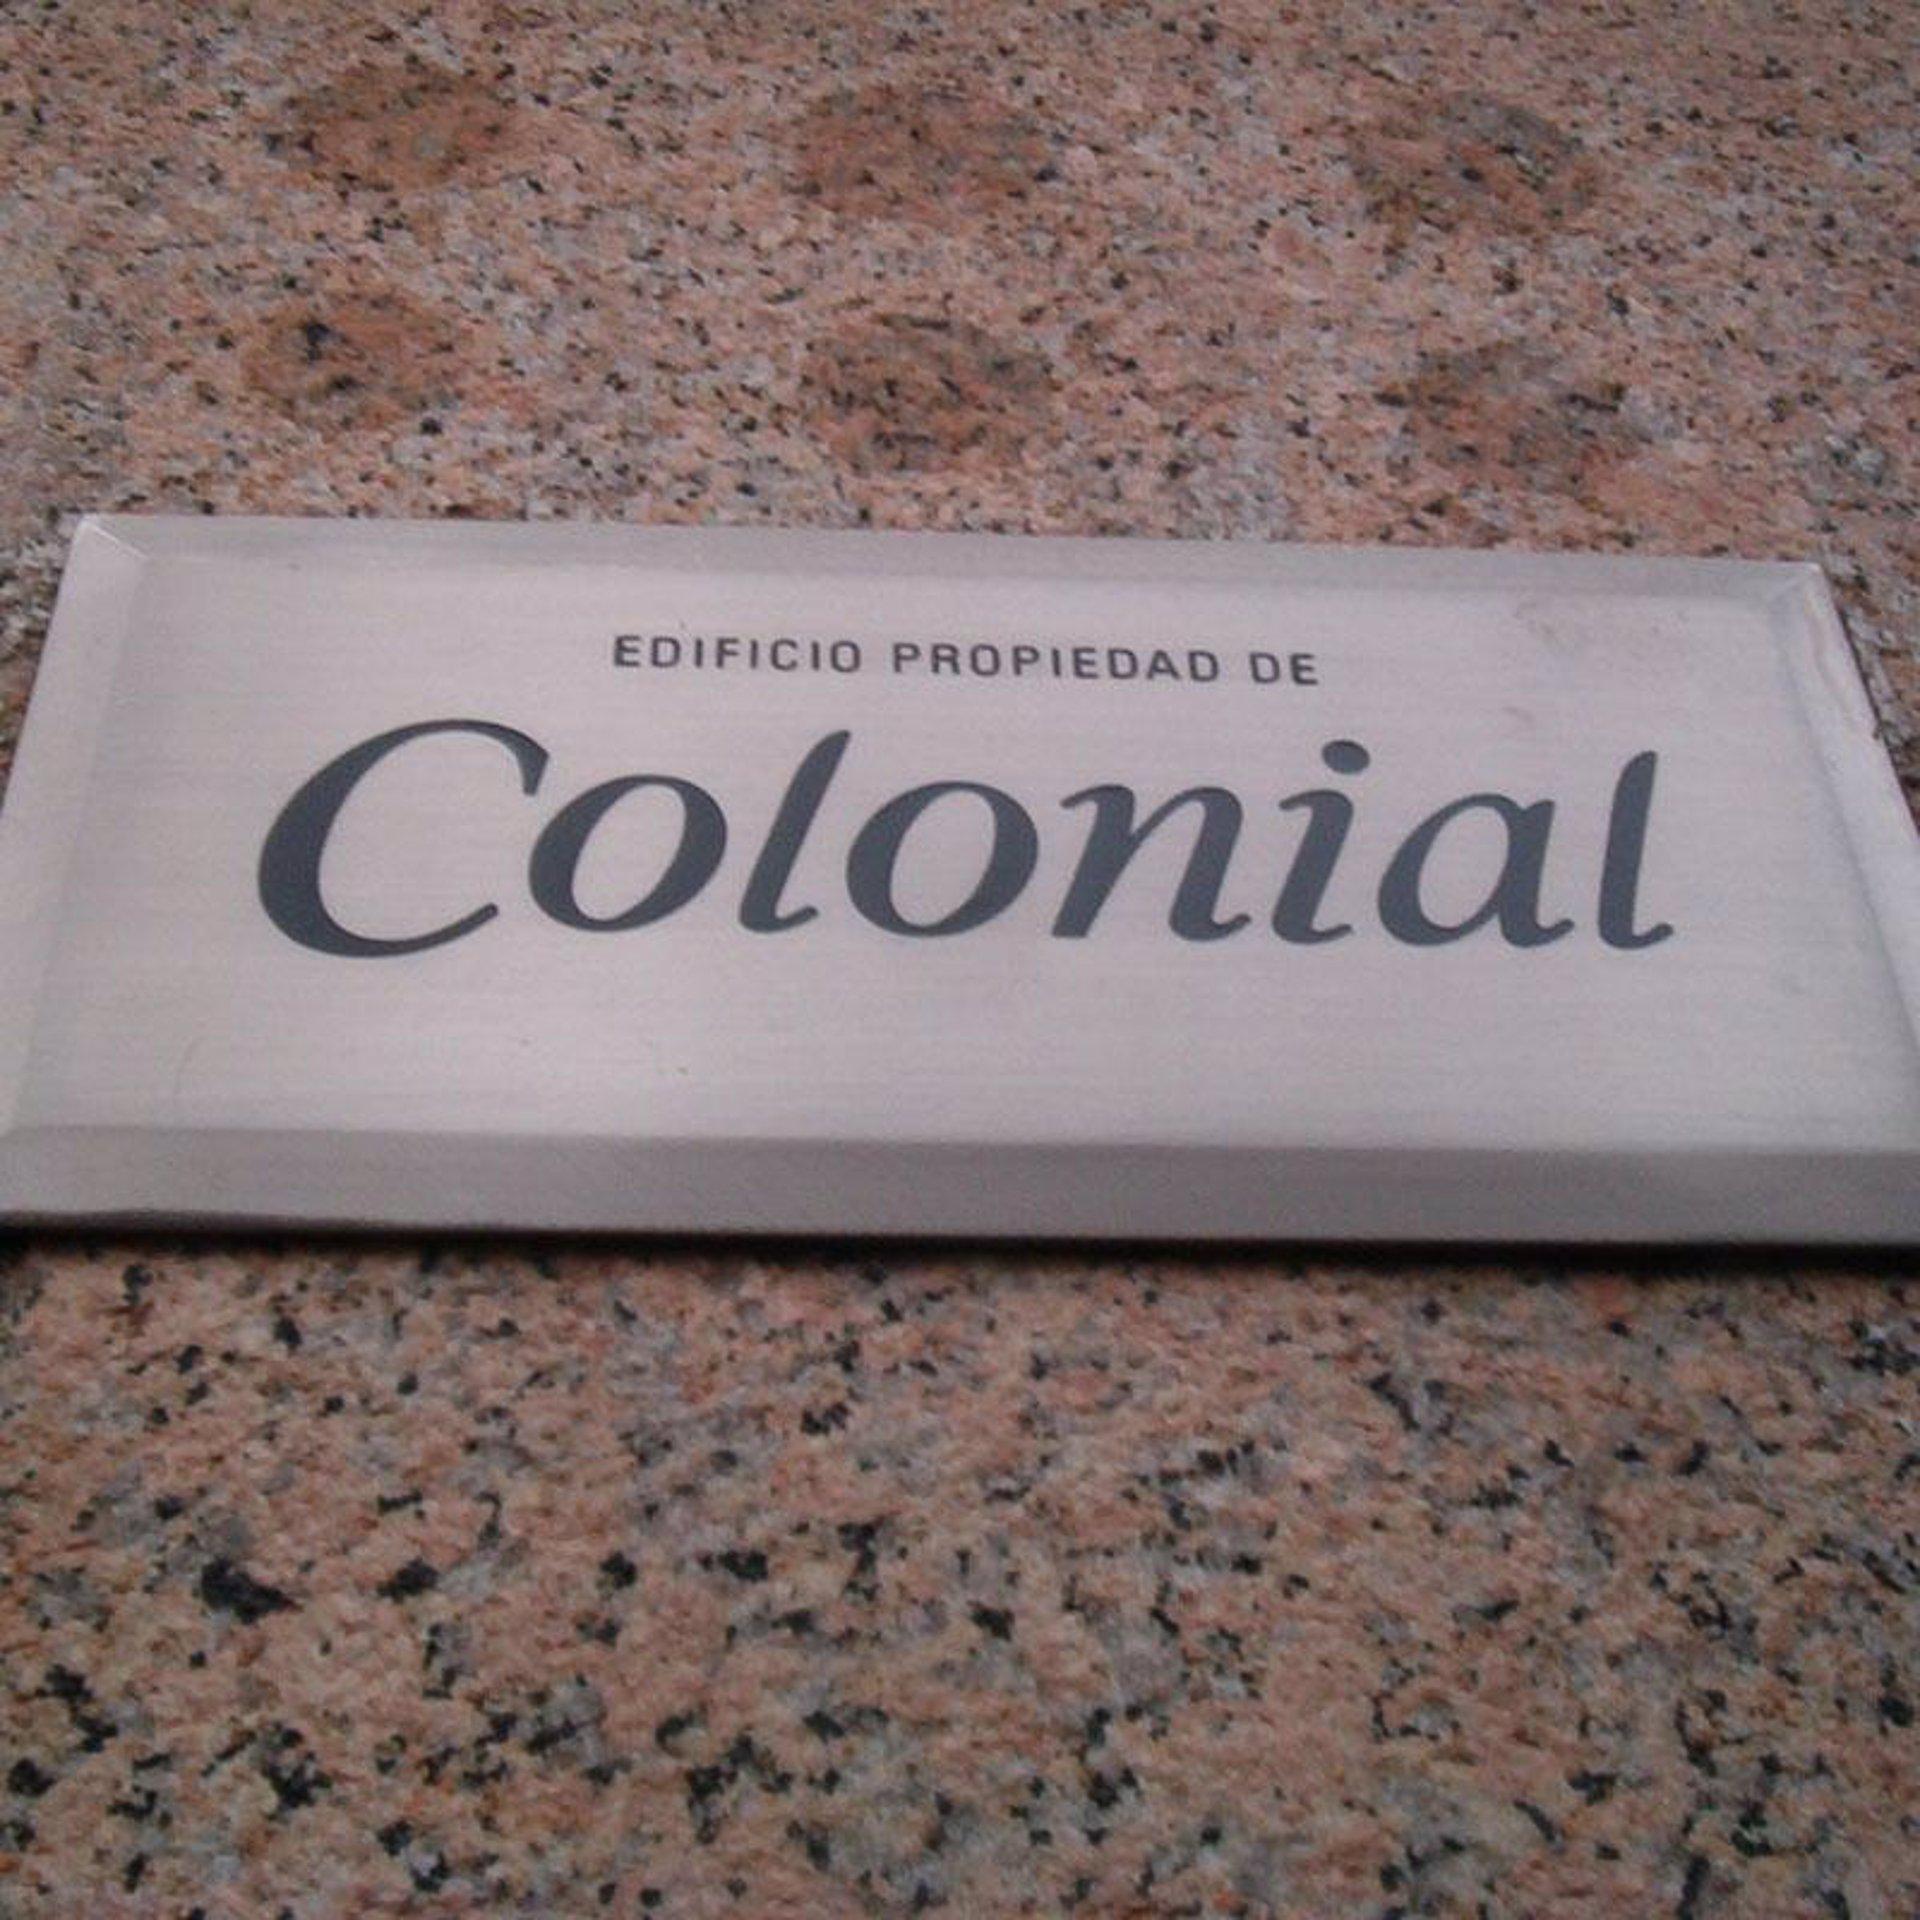 Carlos gramunt renuncia como consjero de colonial for Inmobiliaria colonial